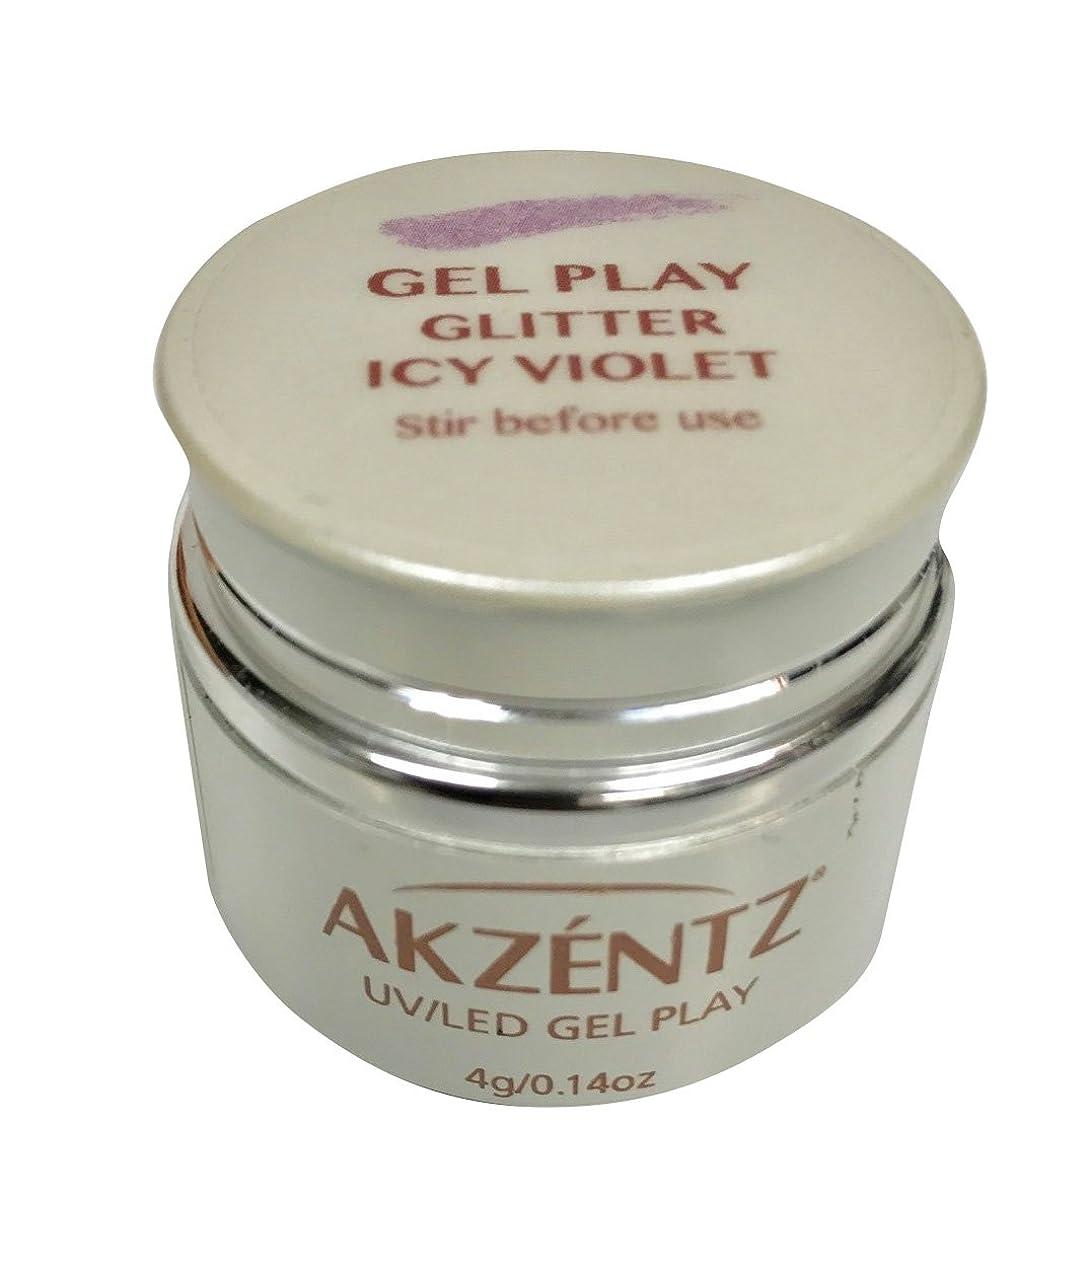 煙入浴補正AKZENTZ(アクセンツ) UV/LED ジェルプレイ グリッター アイシーバイオレット 4g